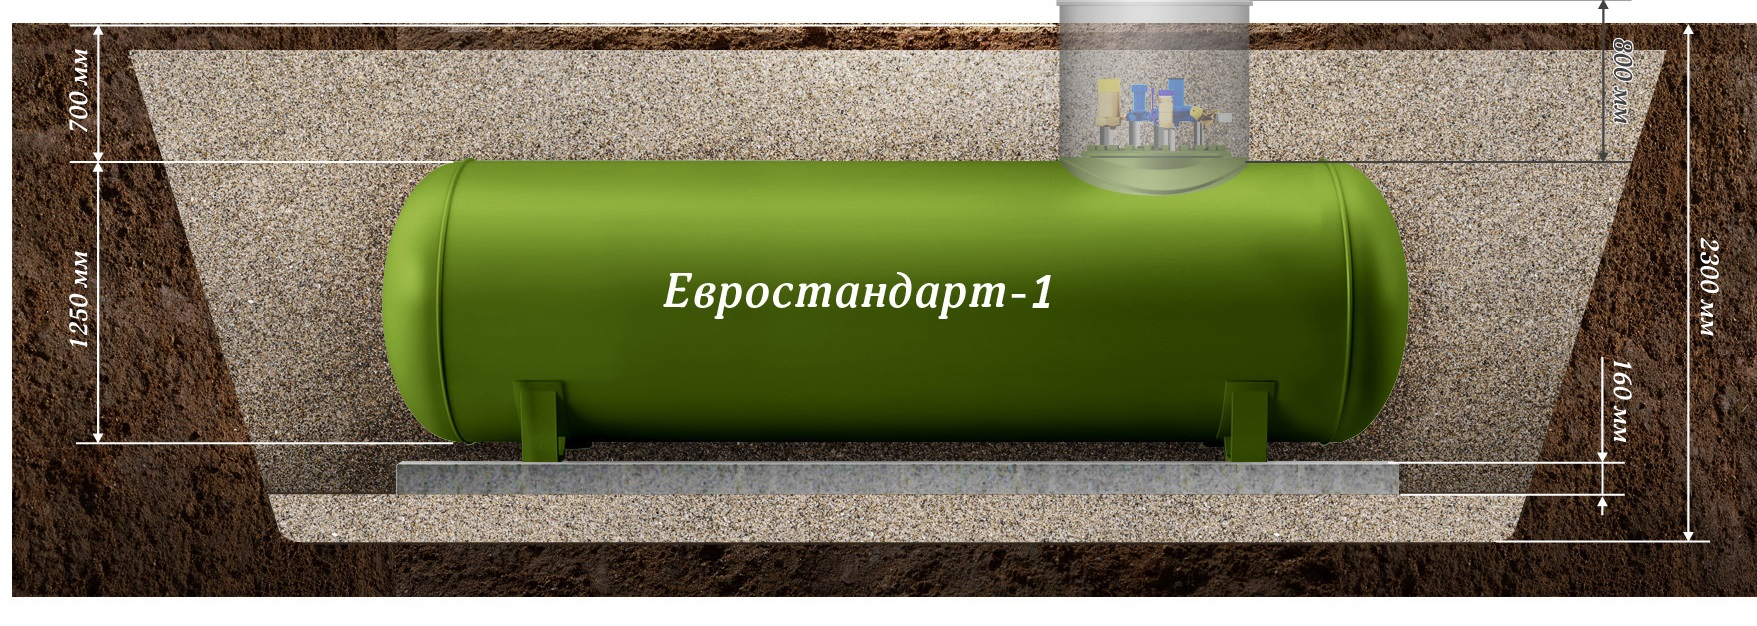 Отопление сжиженным газом: отзывы. газгольдер для частного дома